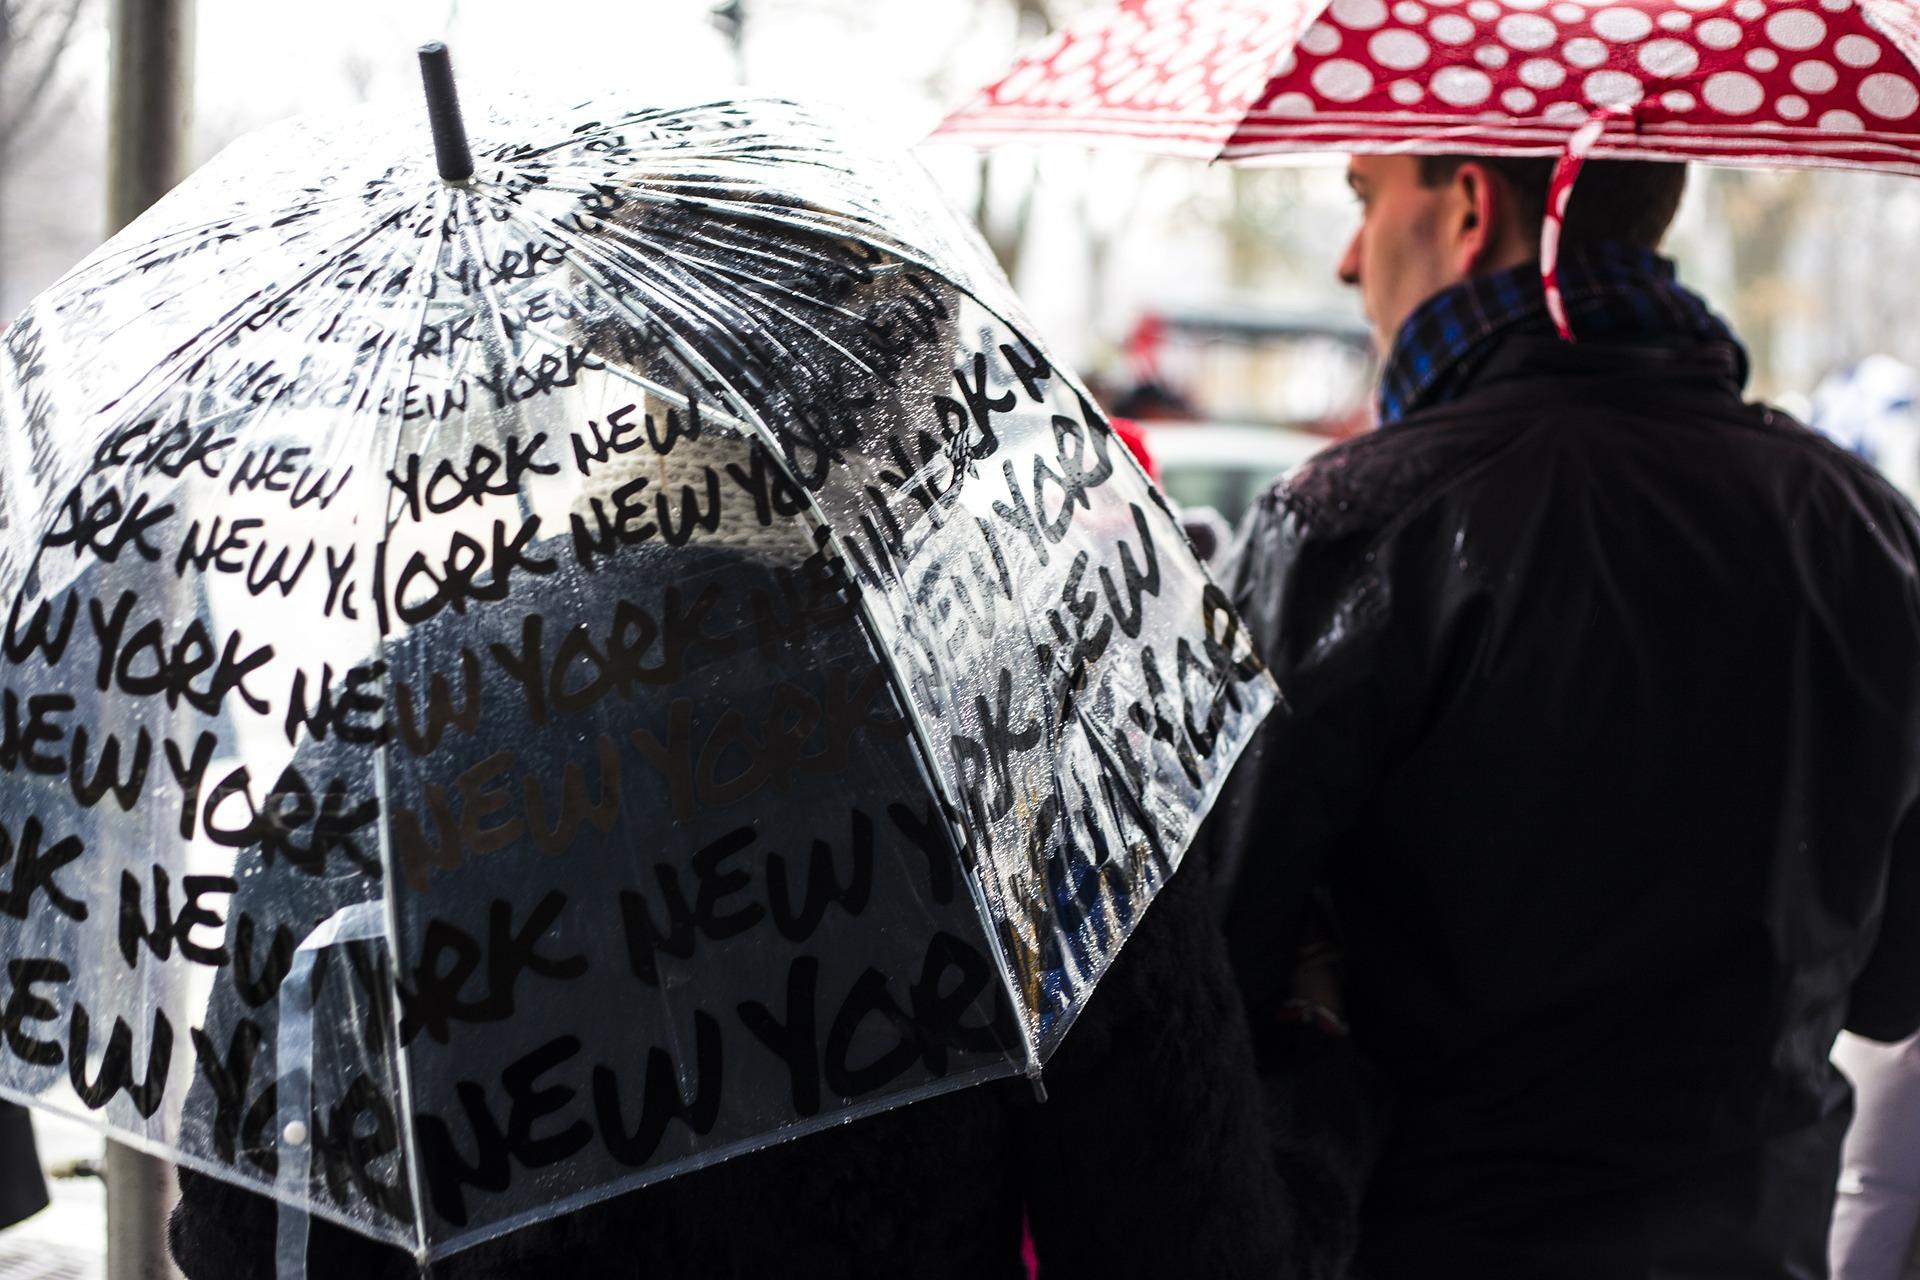 5. 當然別漏了讓雨天的街道綻放色彩的雨傘! 也是必拍重點!